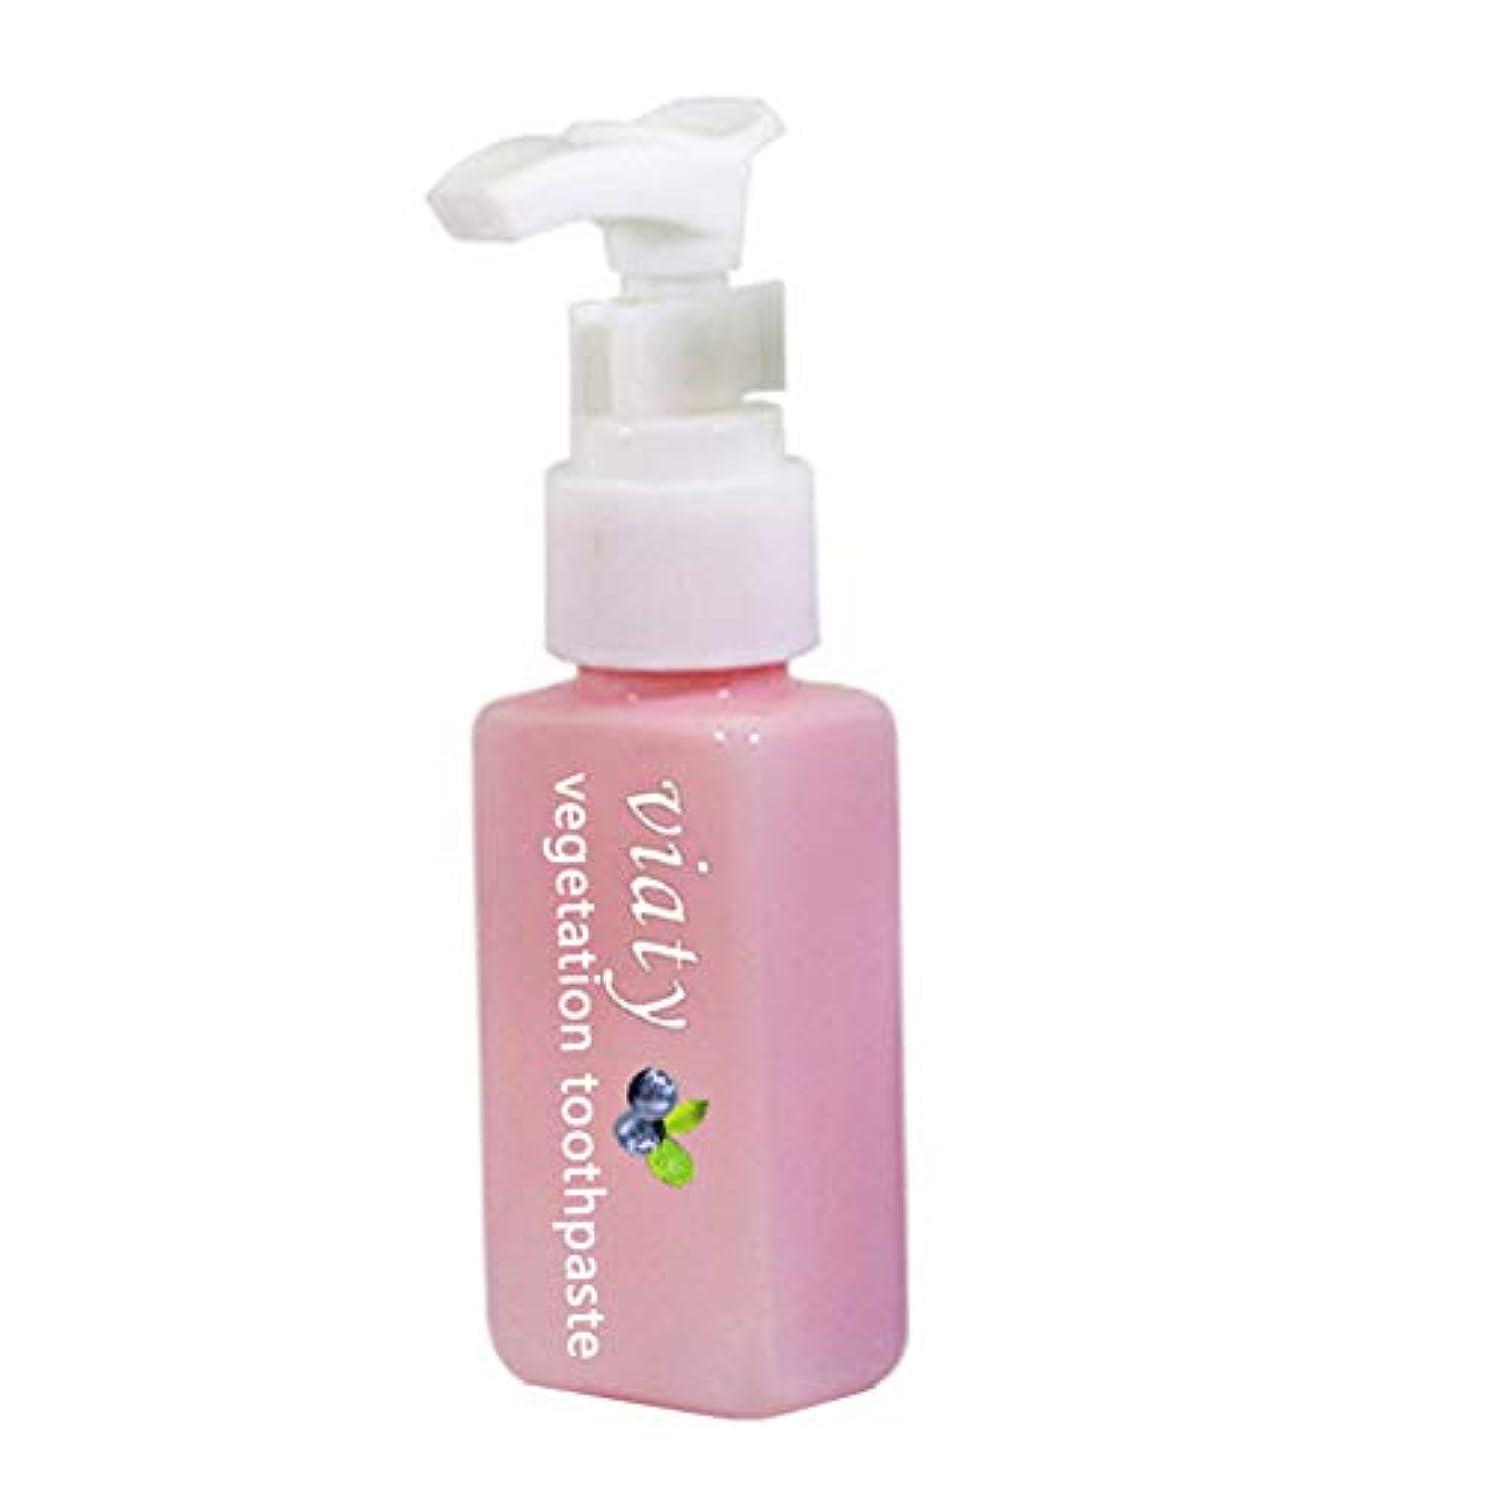 を通して戦士報酬のTenflyer歯磨き粉アンチブリードガムプレスタイプ新鮮な歯磨き粉を白くする汚れ除去剤